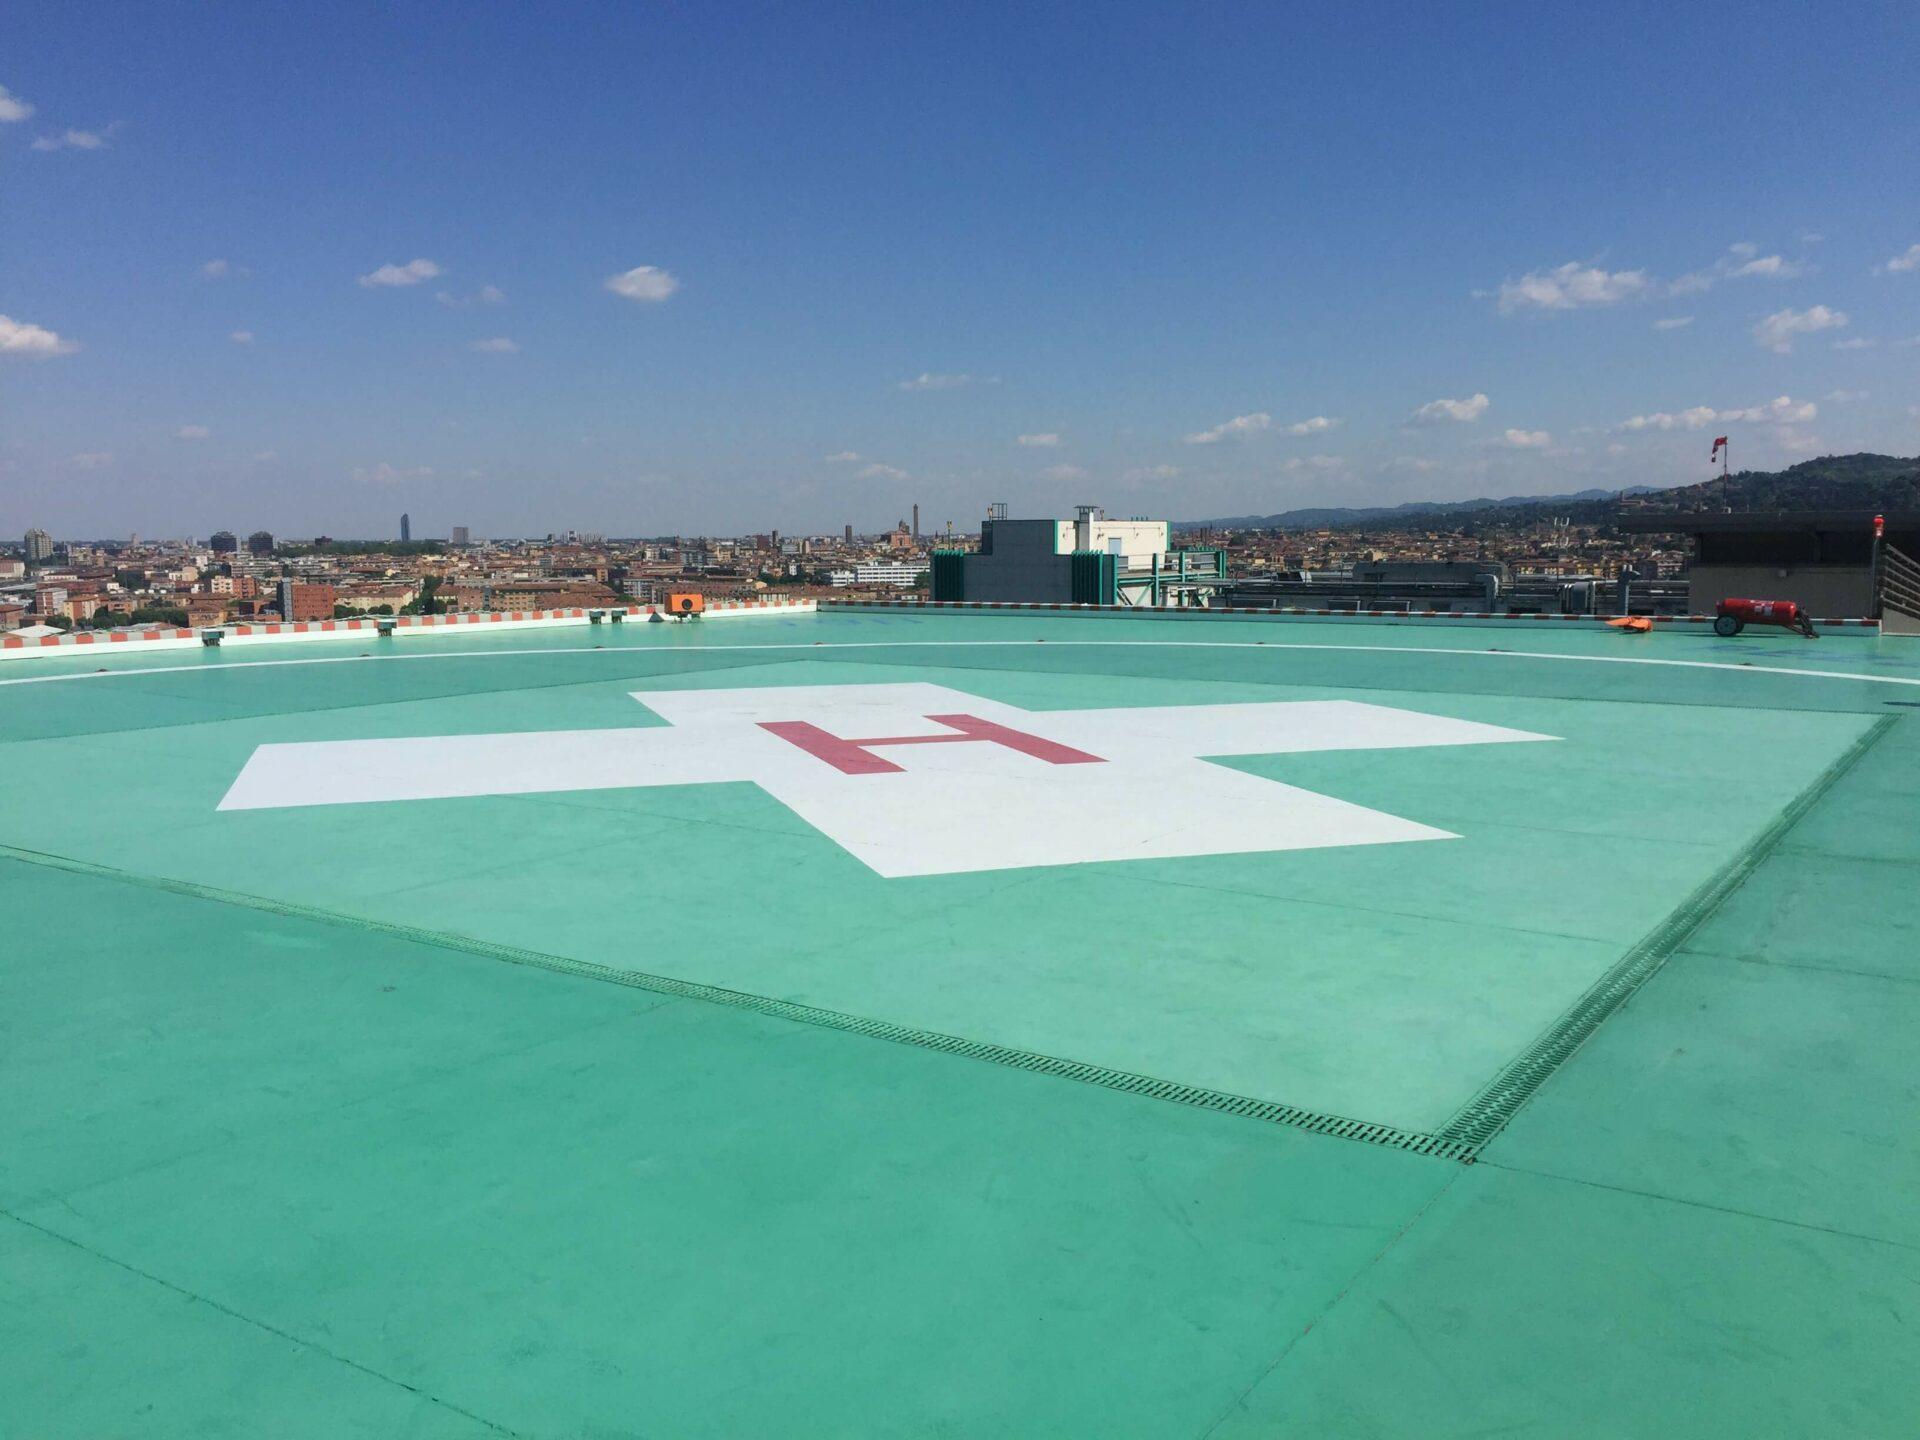 italia-bologna-ospedale maggiore elevata 1-2